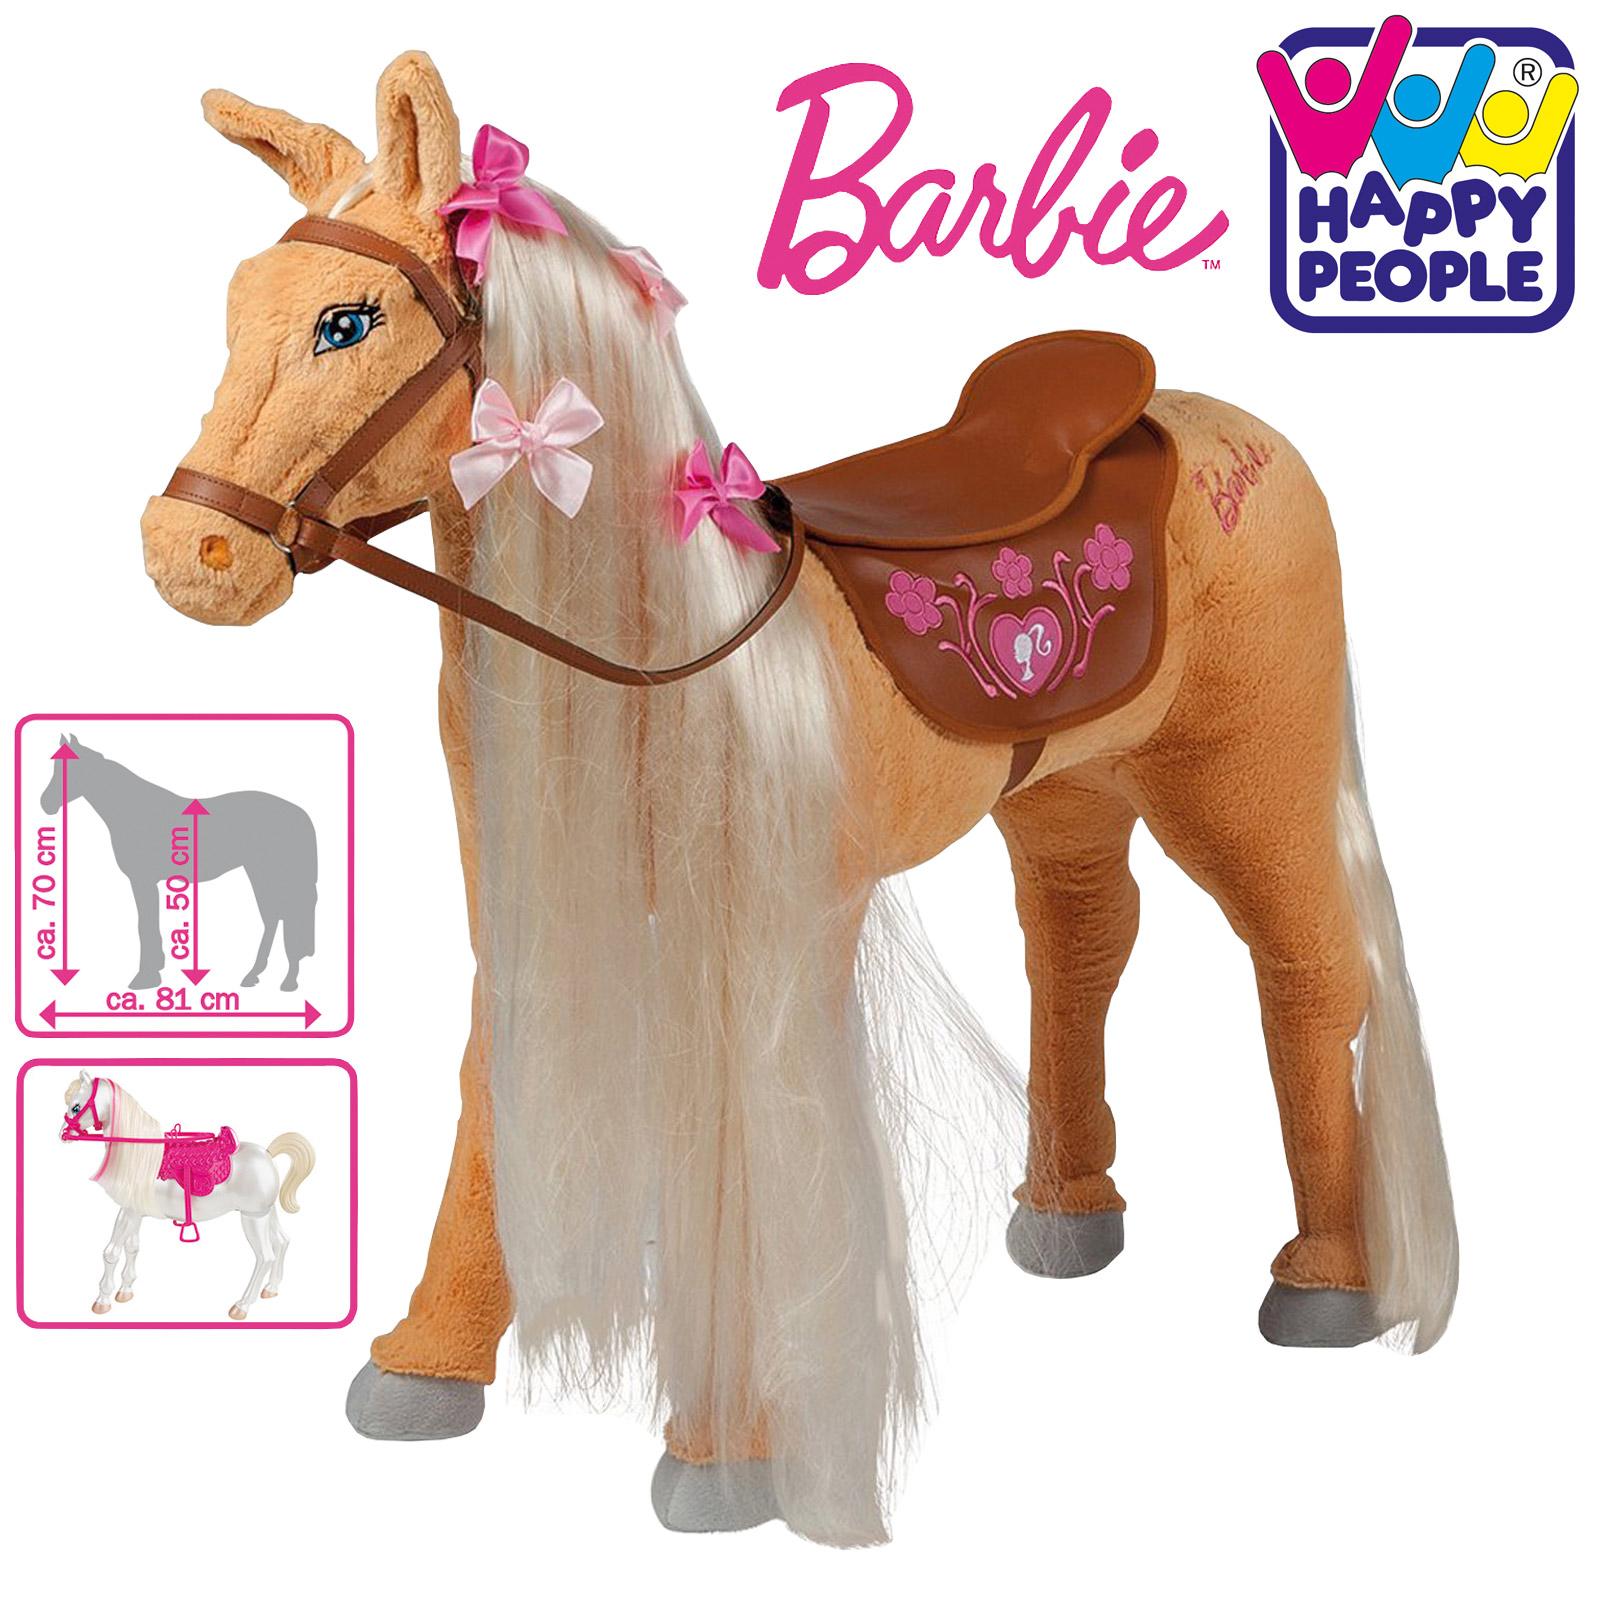 Happy People 58036 Plüschpferd Barbie Pferd Tawny mit Sound stehend